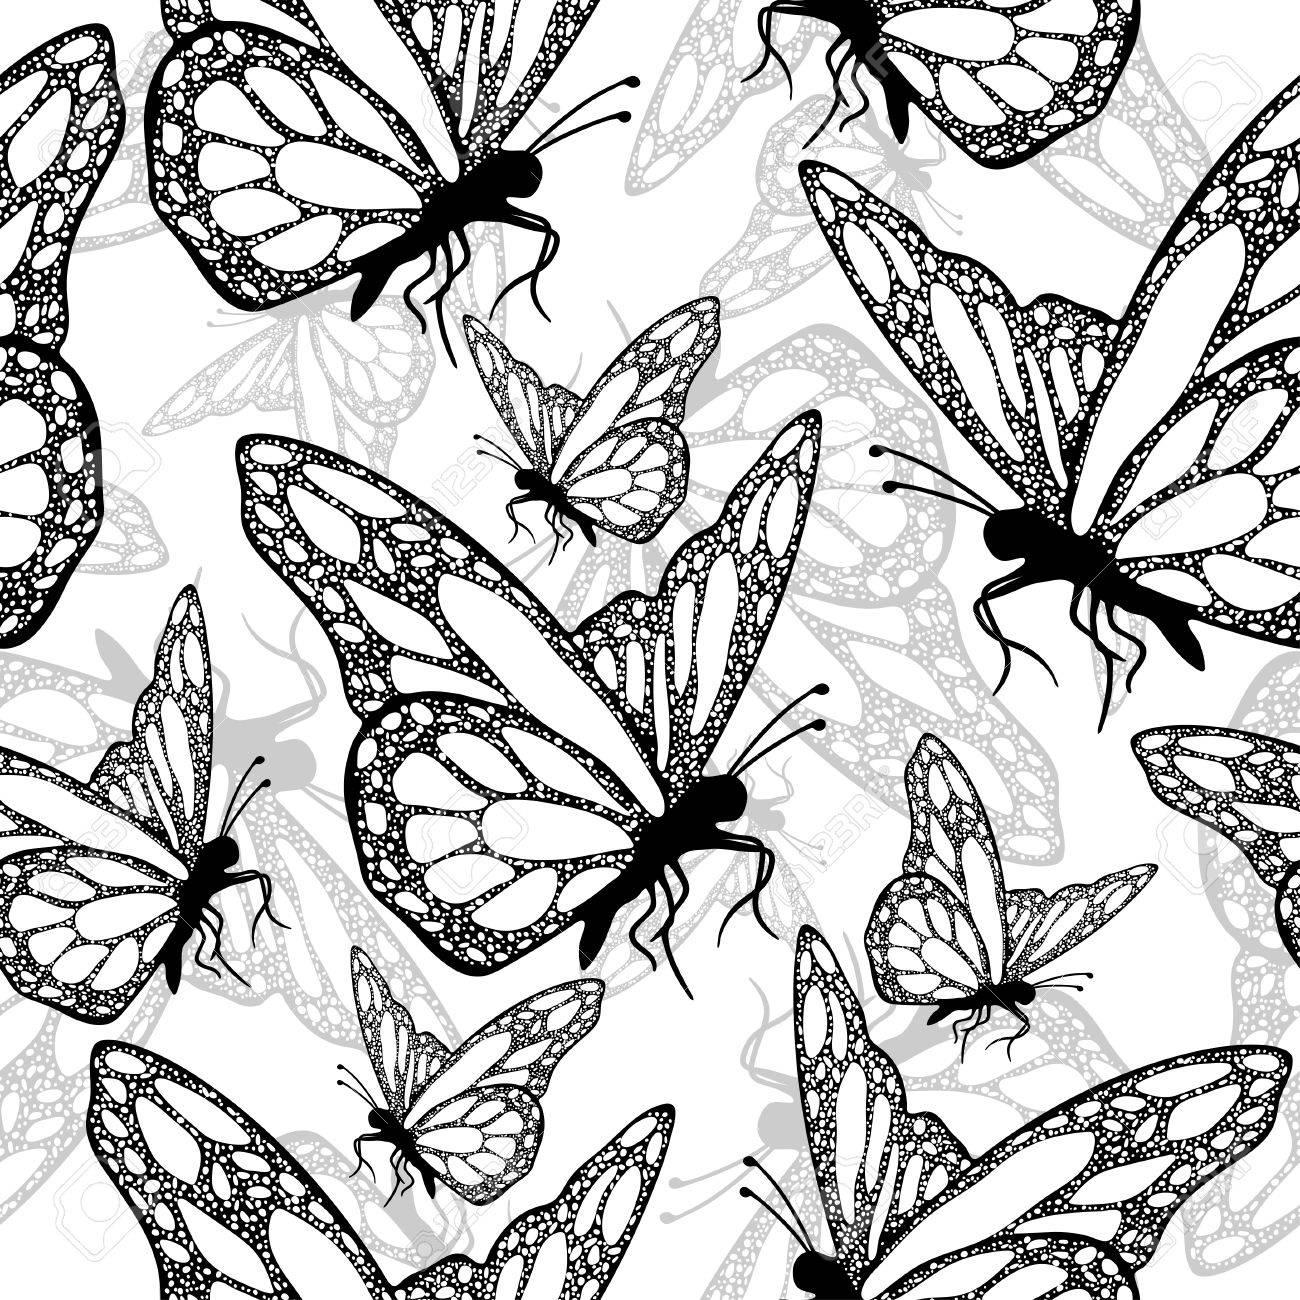 Vettoriale Farfalle Modello Senza Soluzione Di Continuità In